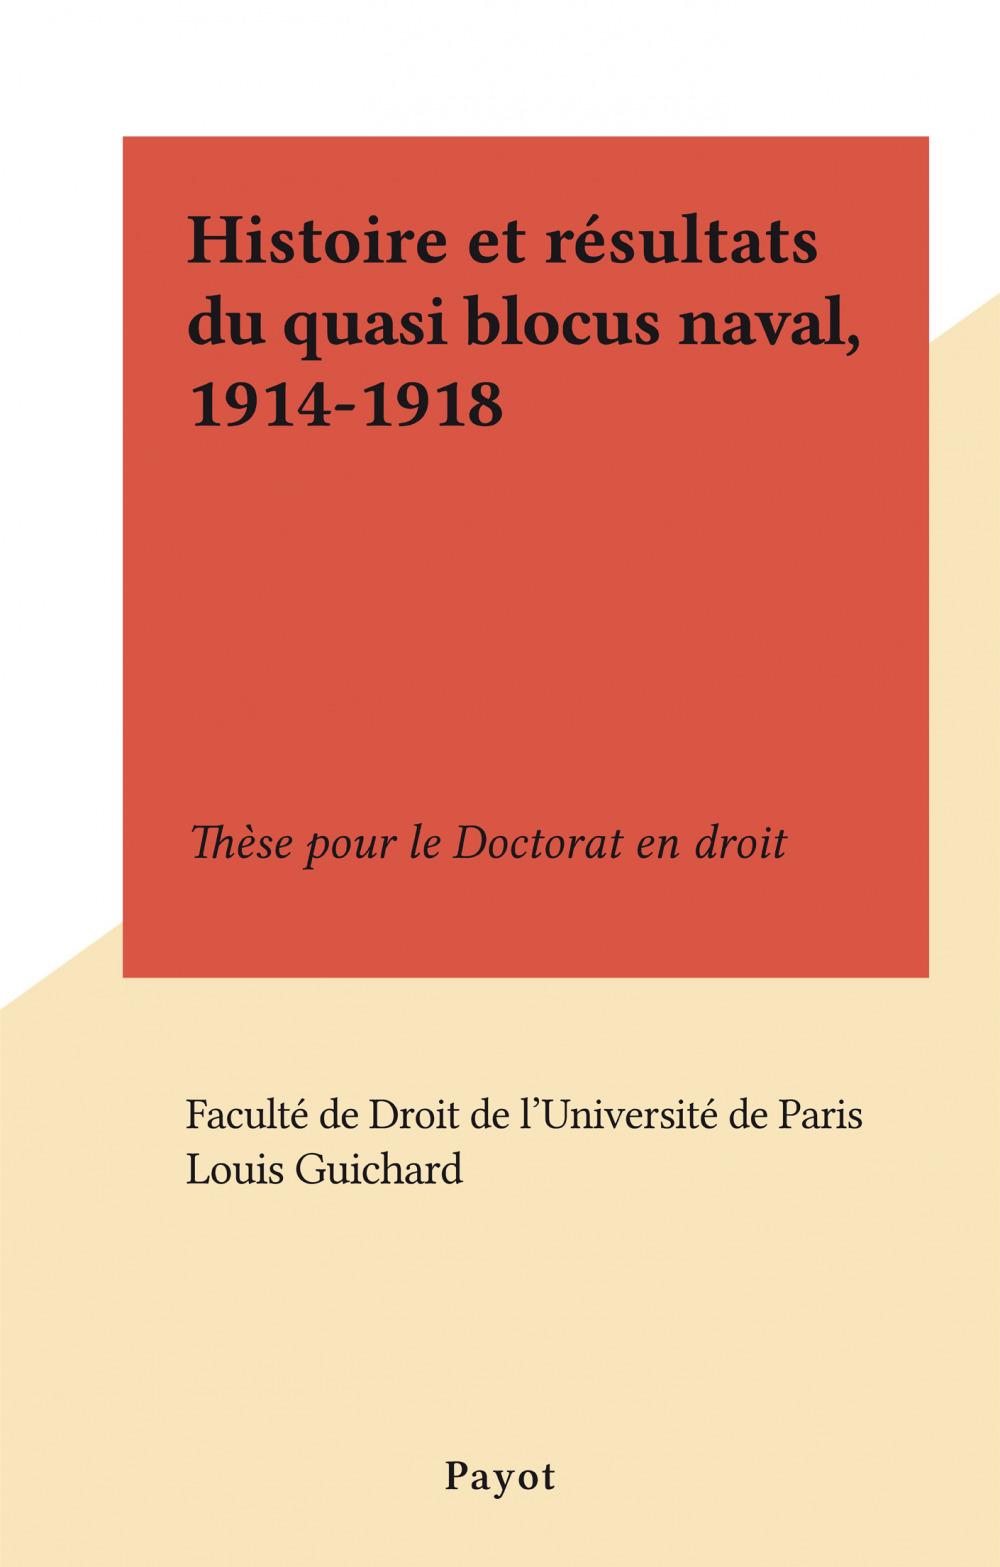 Histoire et résultats du quasi blocus naval, 1914-1918  - Louis Guichard